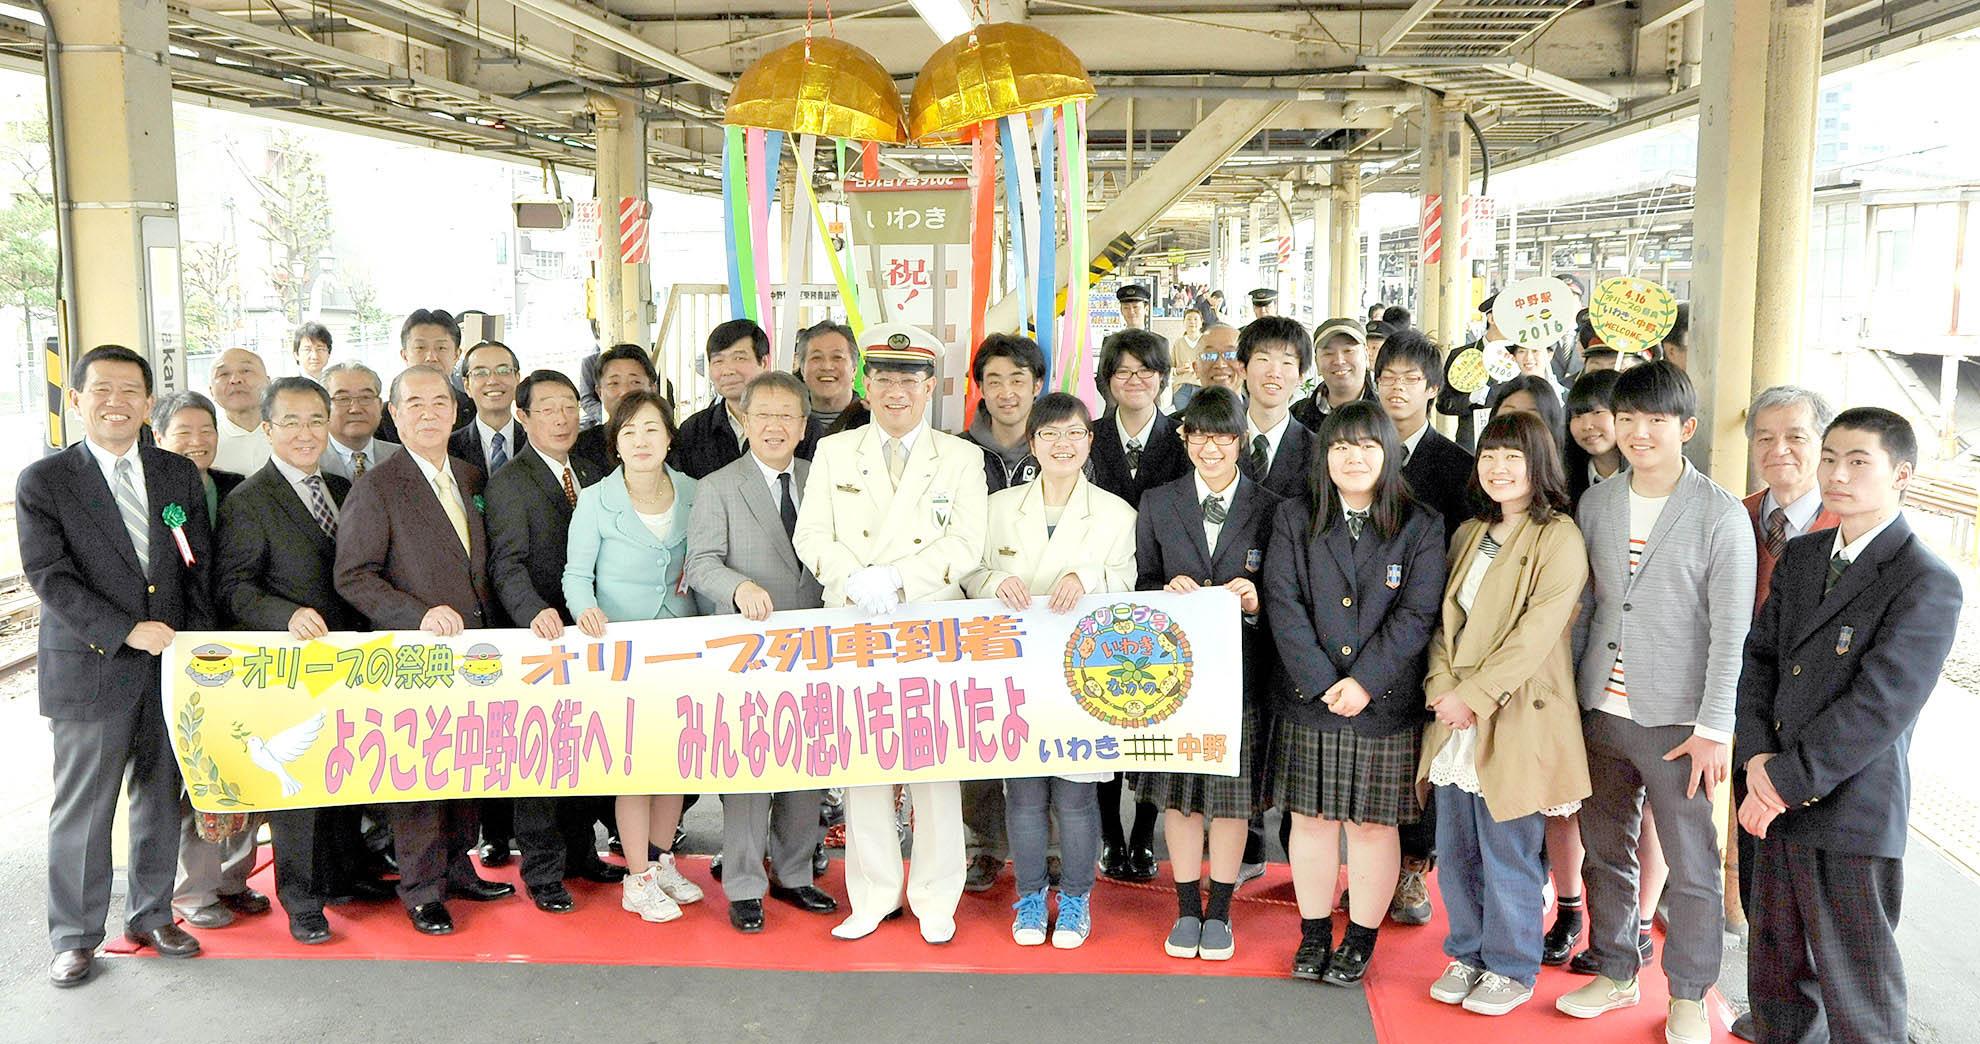 いわきを出発したオリーブ列車が終着の中野駅に到着。セレモニーを実施